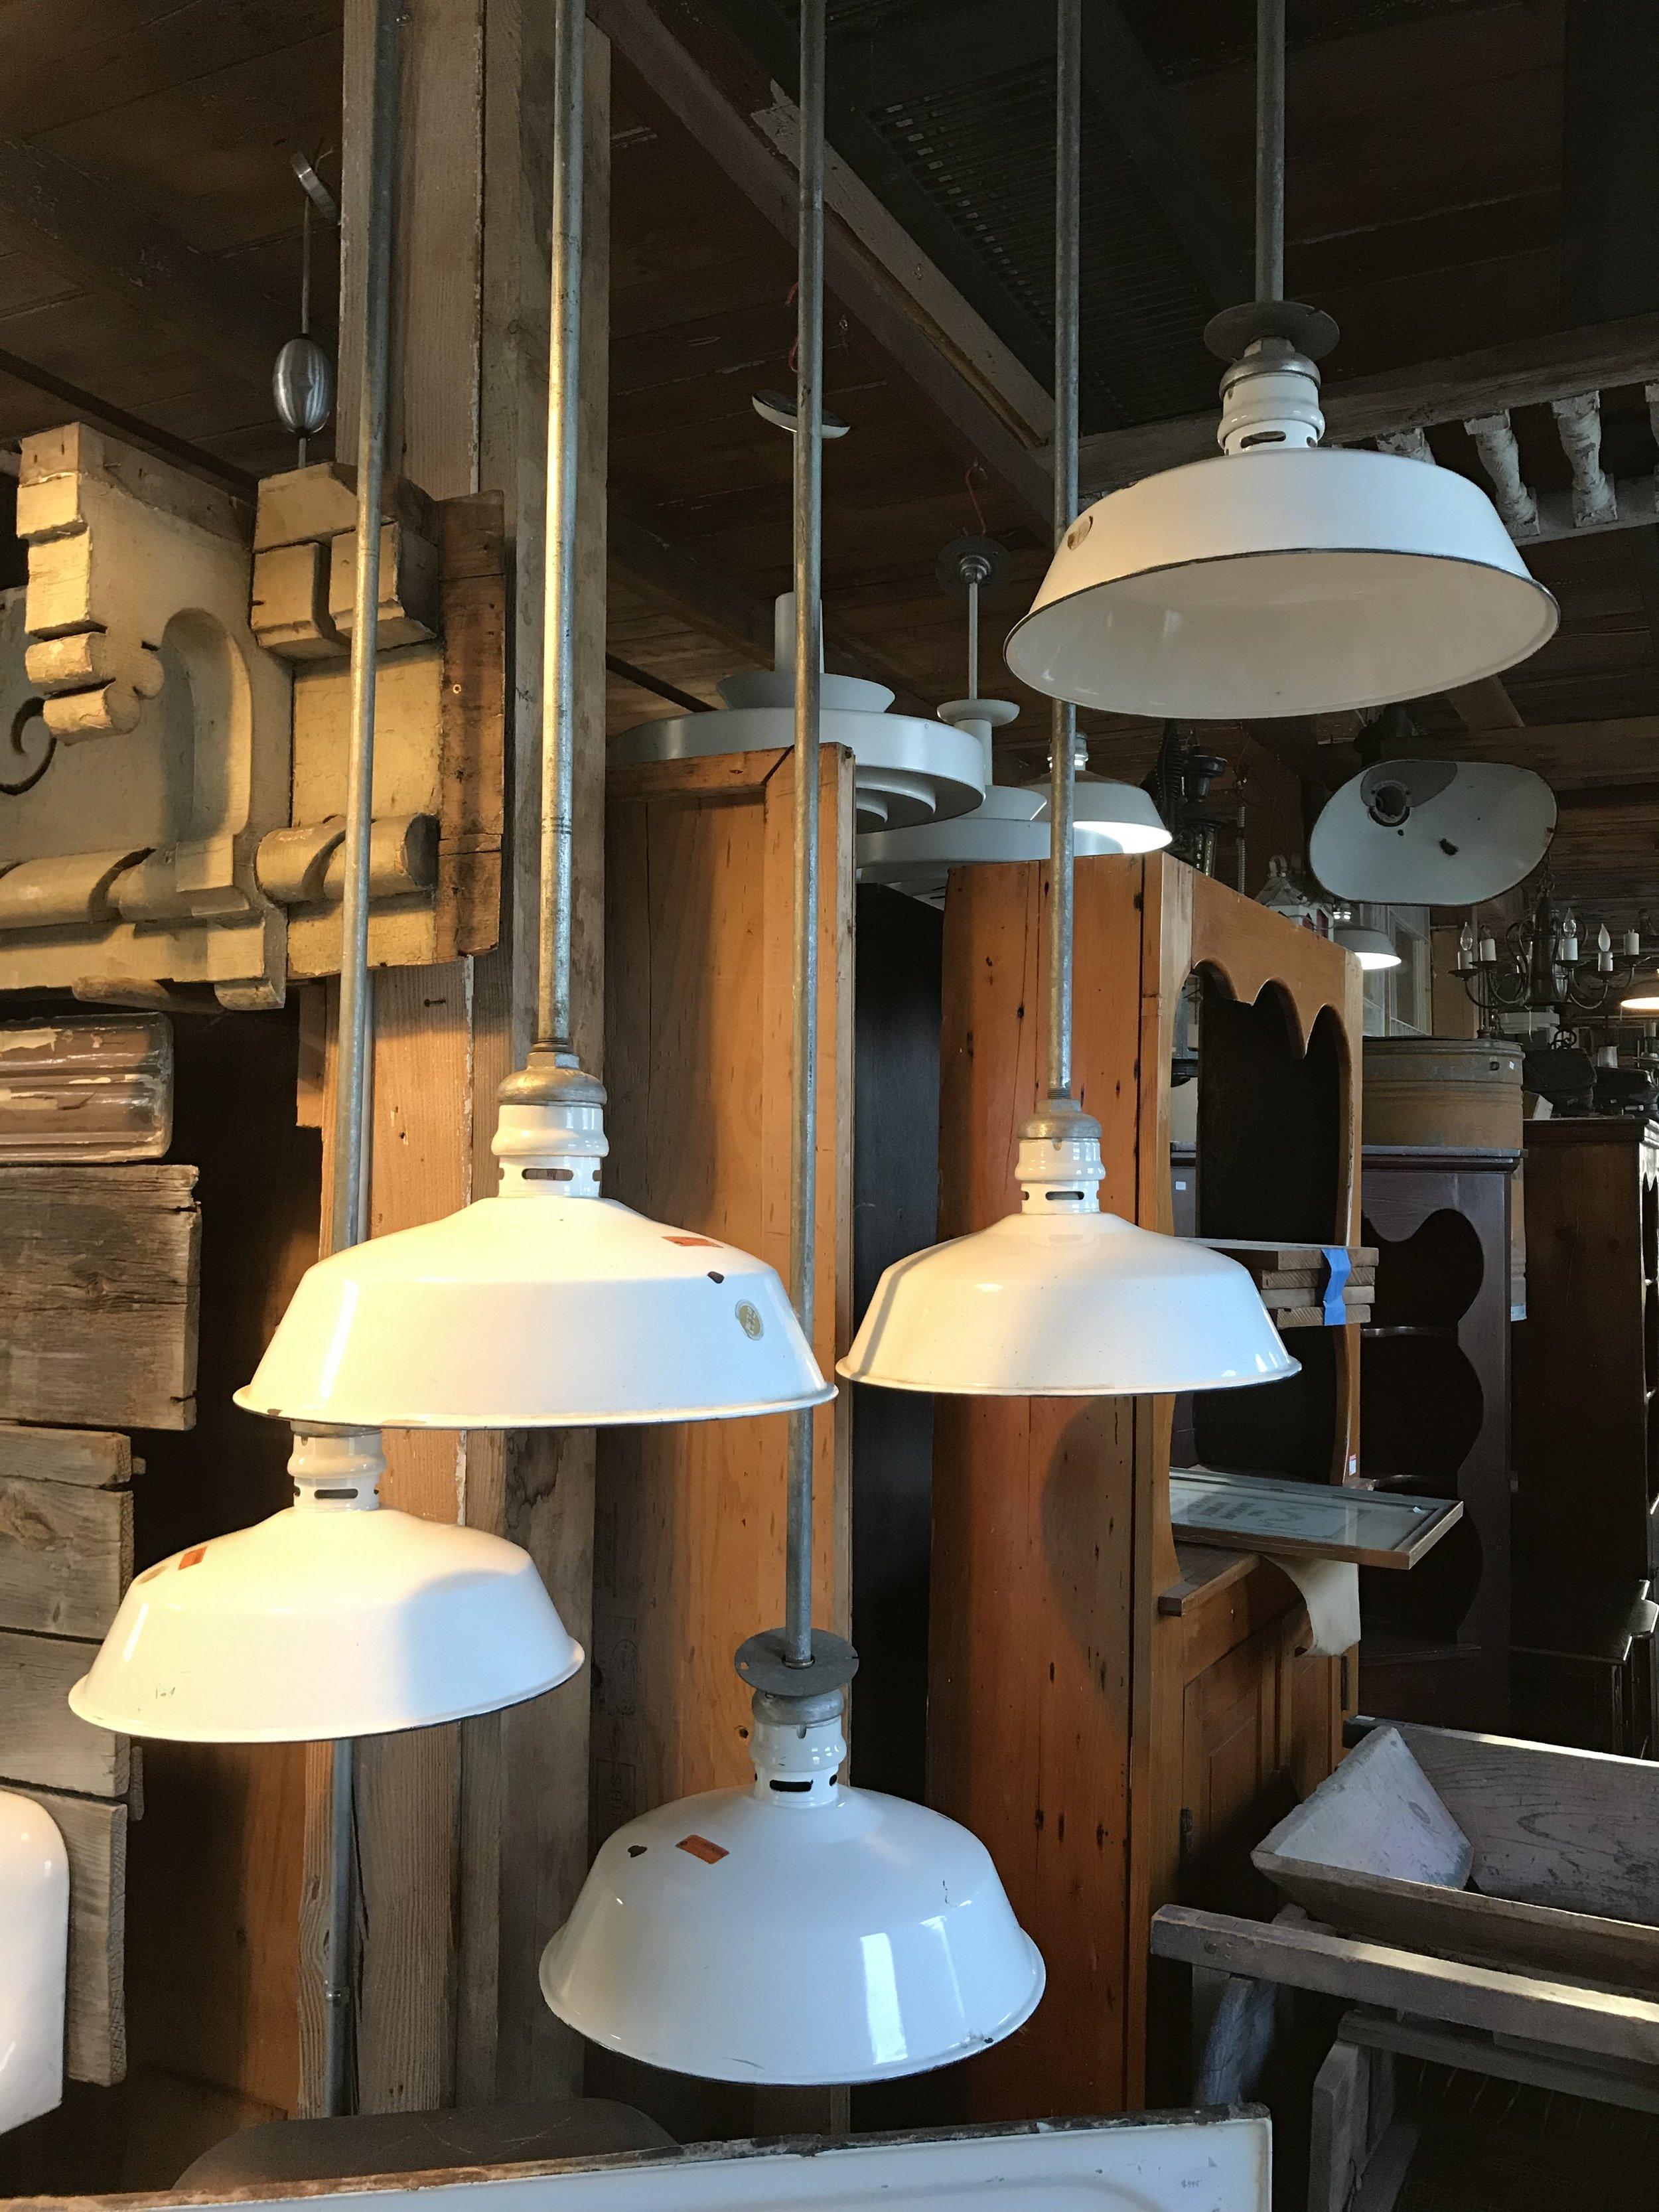 Vintage Porcelain Enameled Industrial Lights